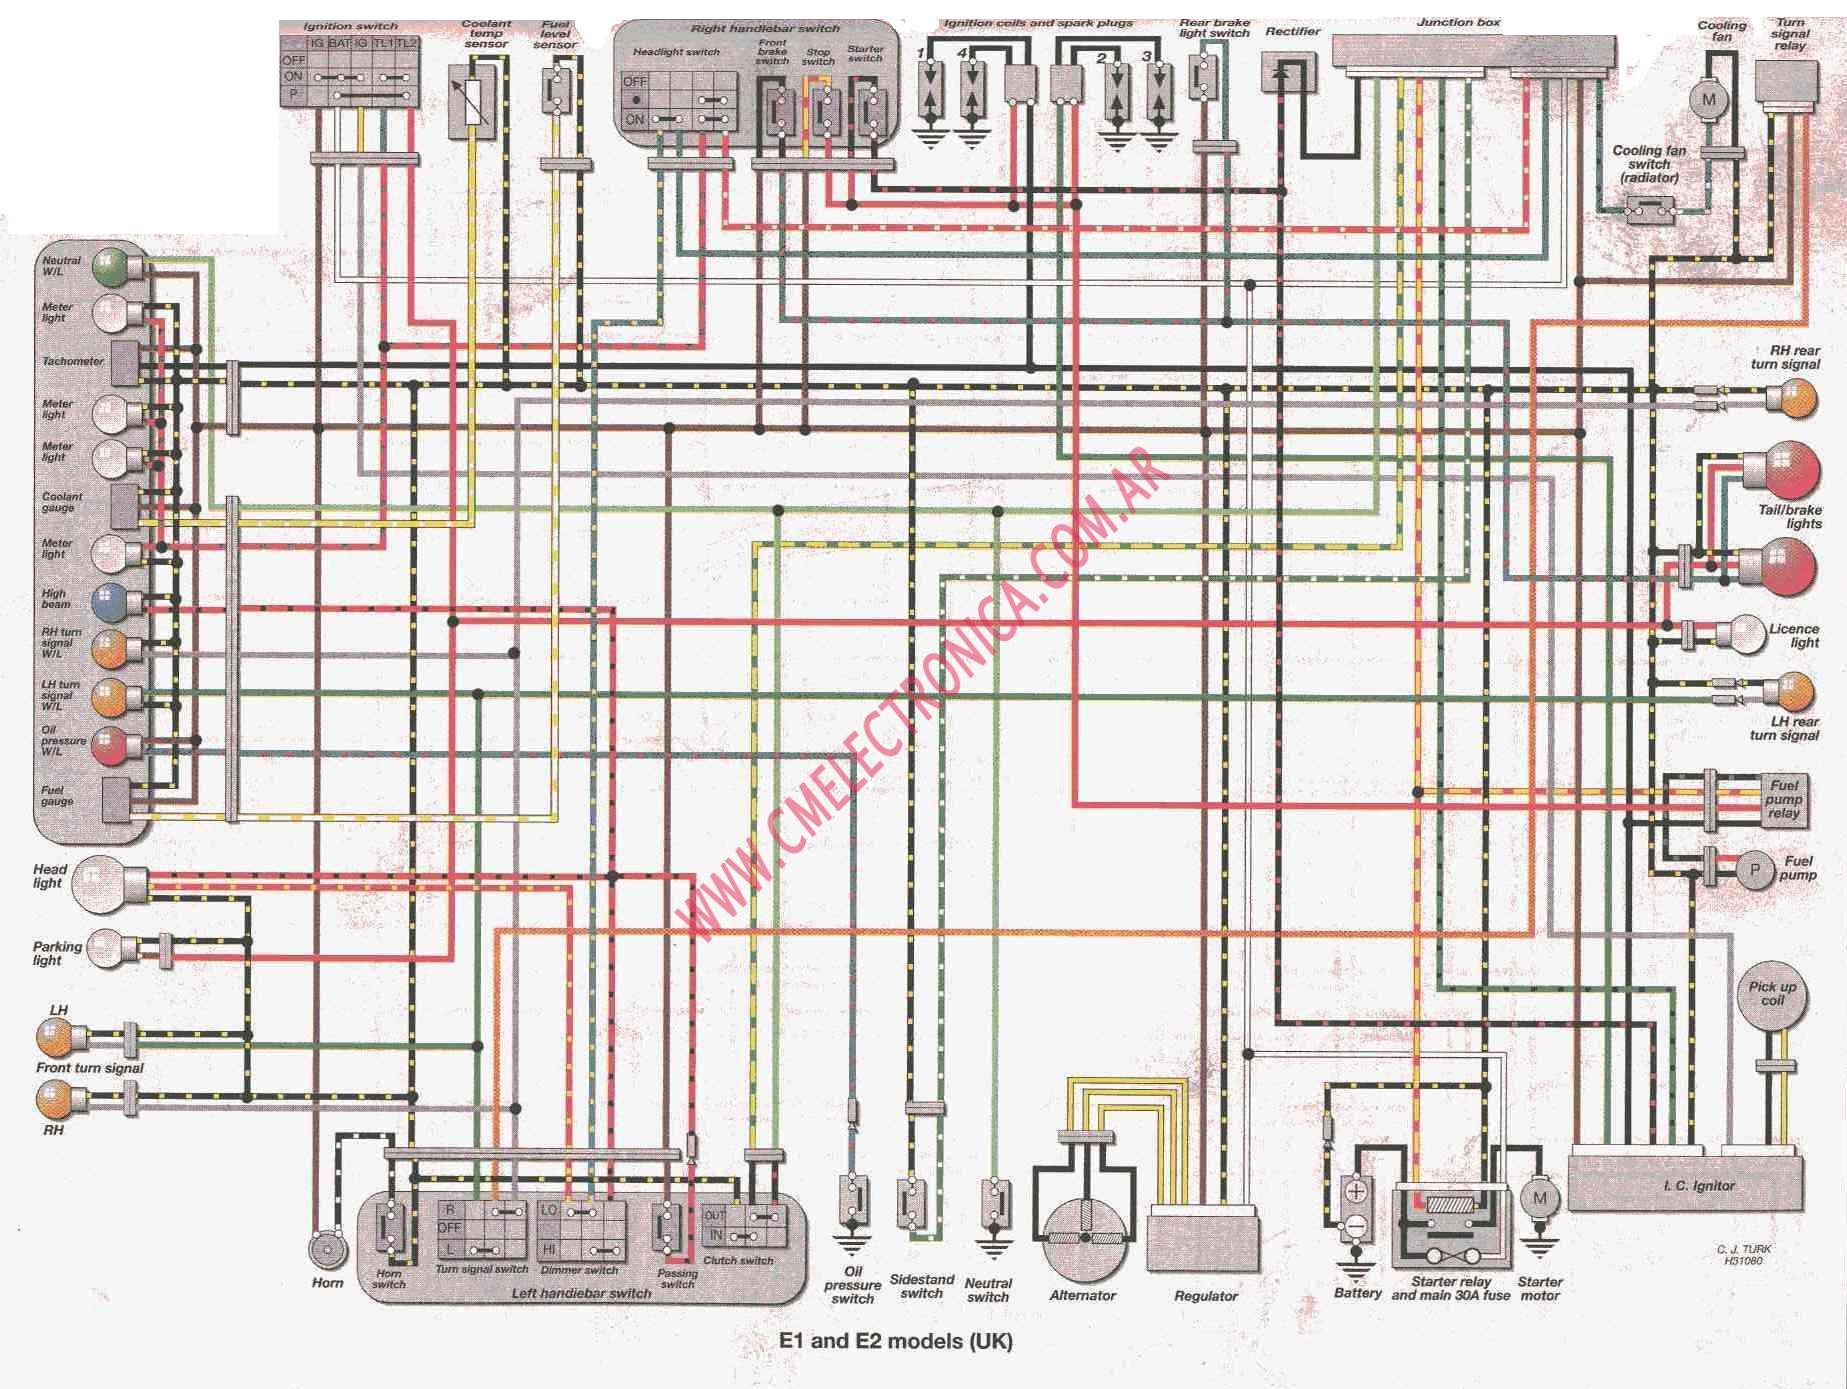 93 Yamaha Virago Wiring Diagram